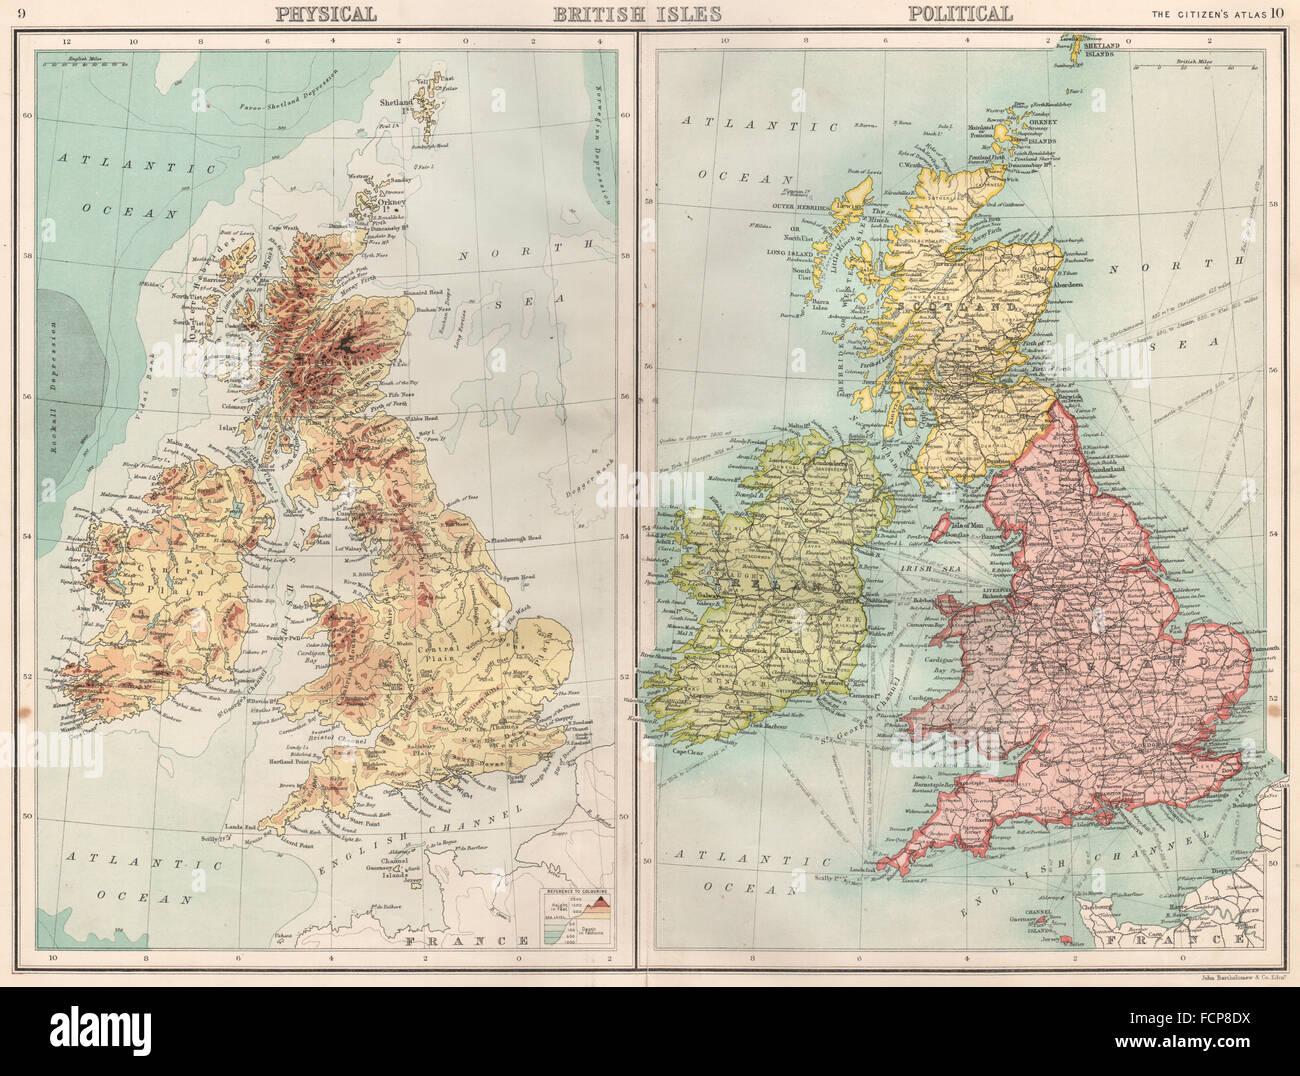 England political map stock photos england political map stock british islesphysical politicalengland ireland scotlandrtholomew 1898 map stock gumiabroncs Choice Image